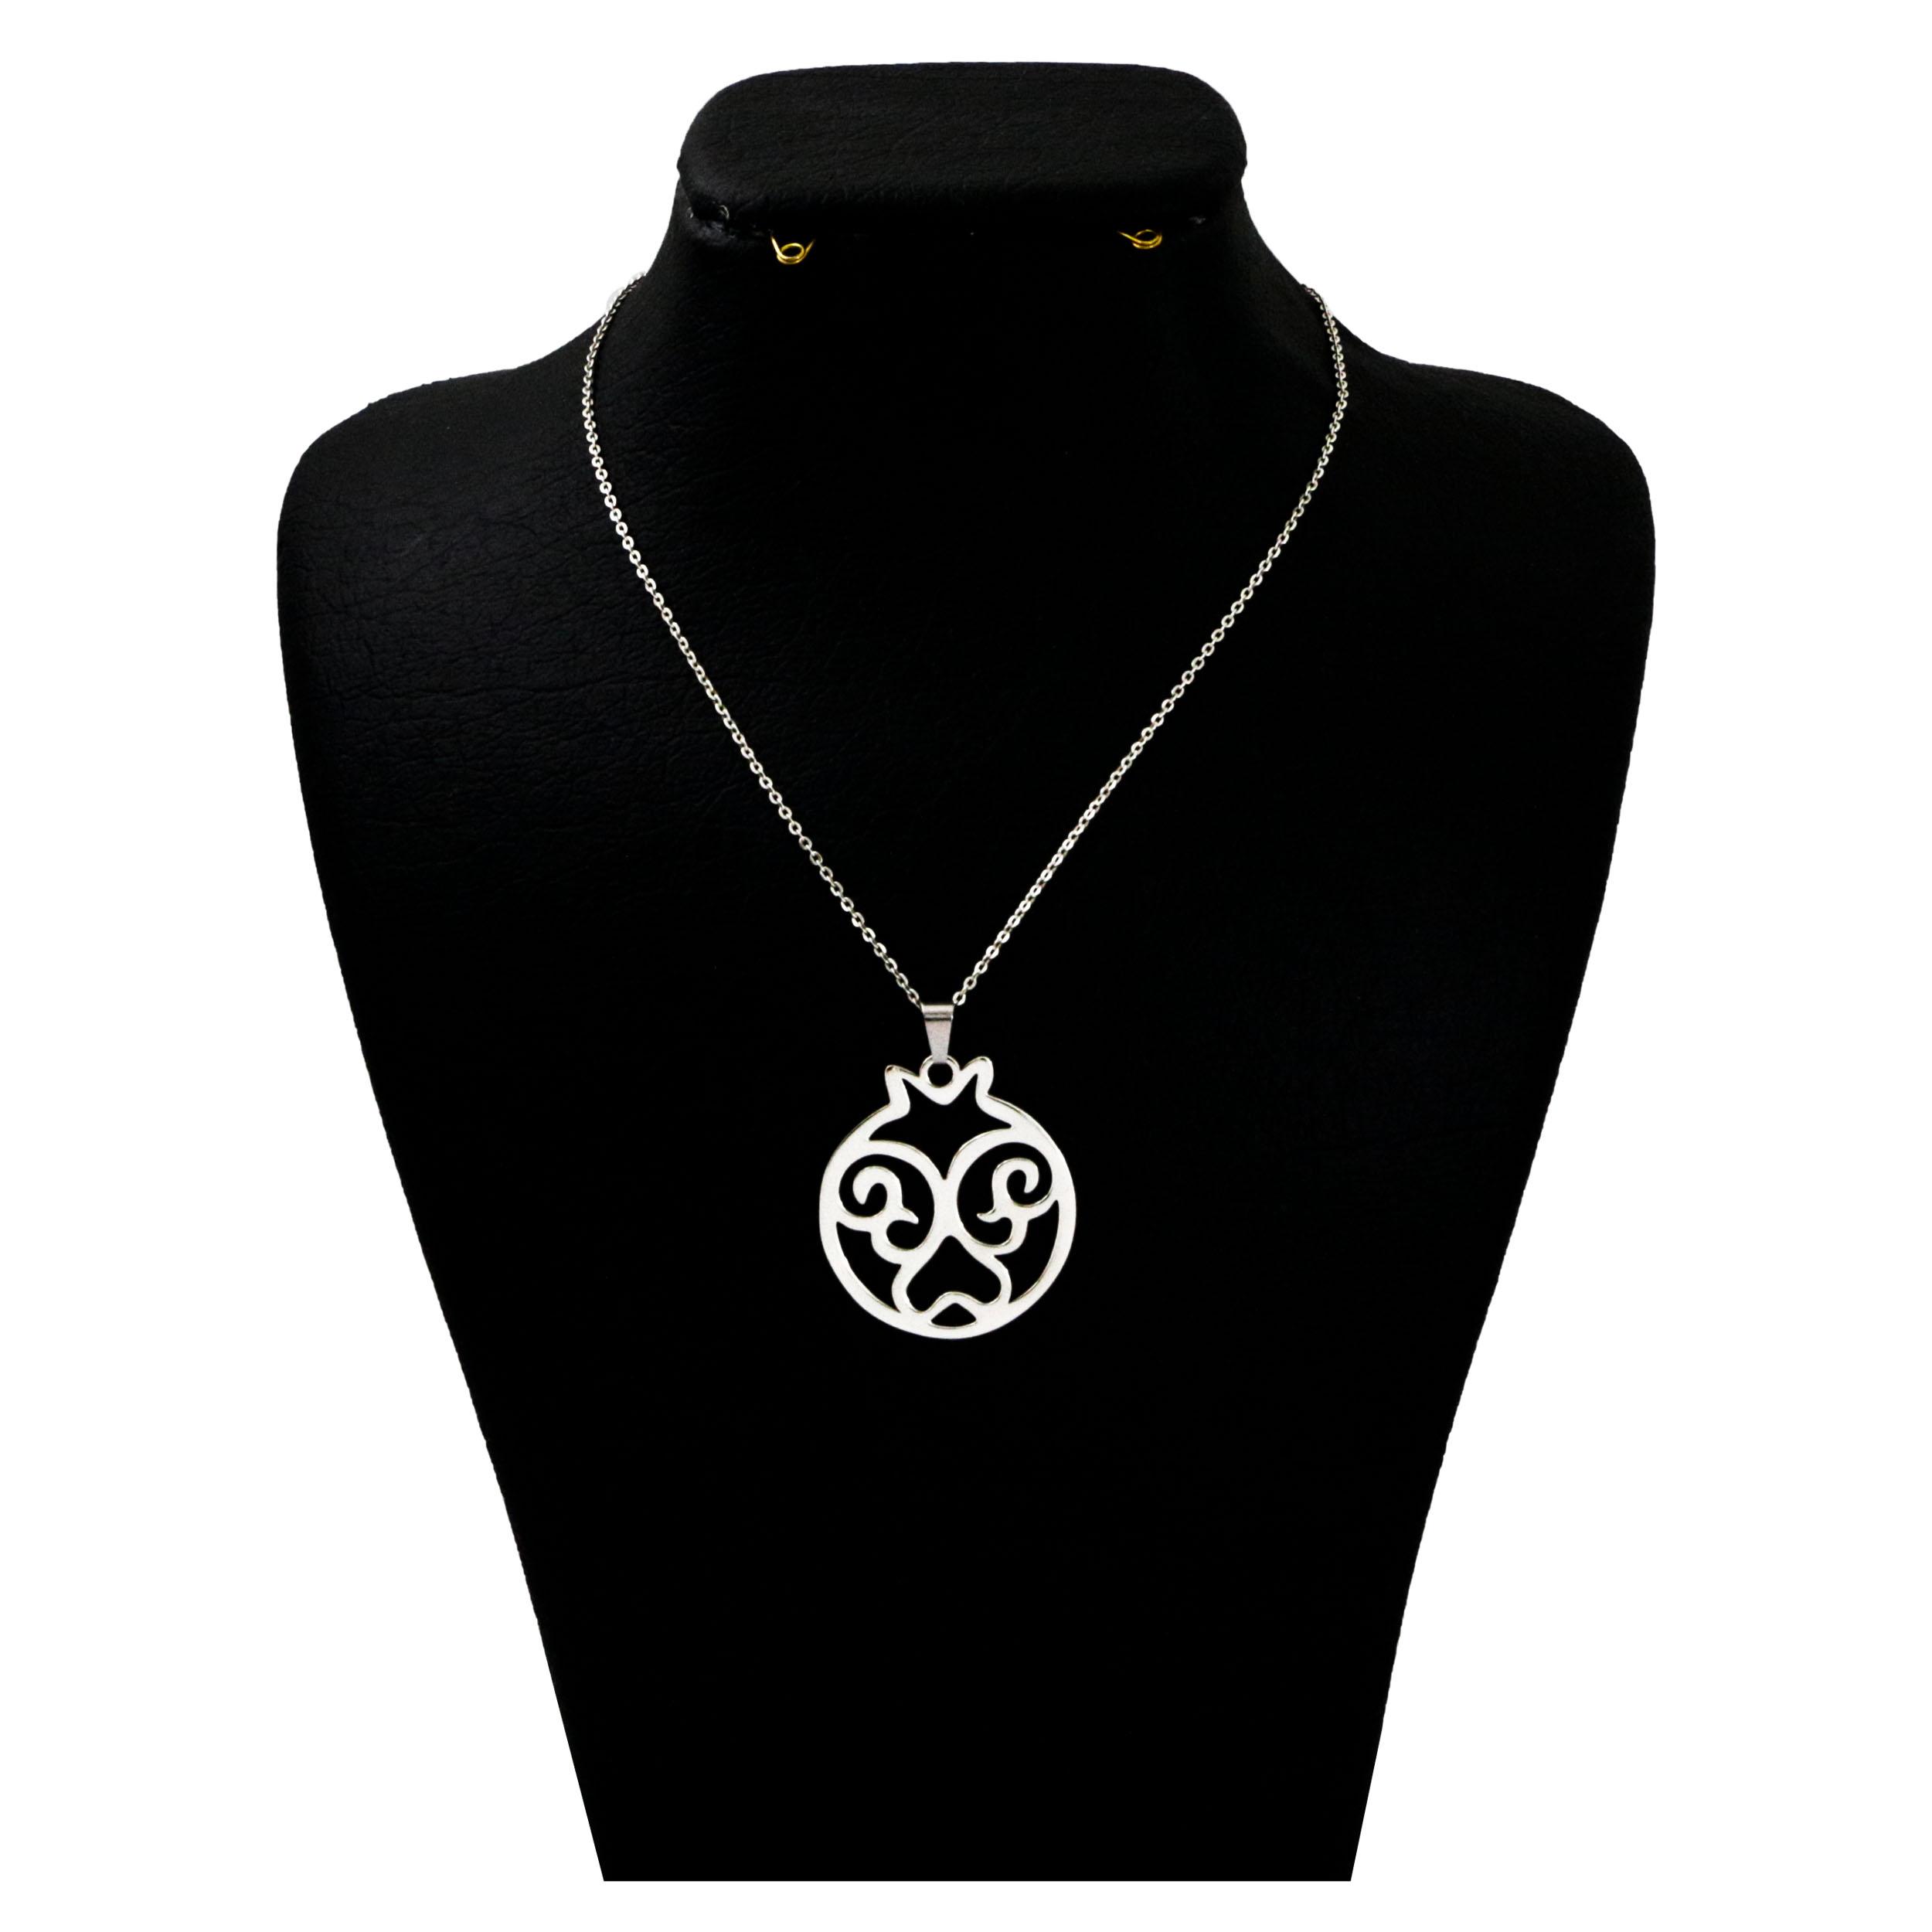 گردنبند نقره زنانه  مدل دلی جم مدل یلدا  کد D 403